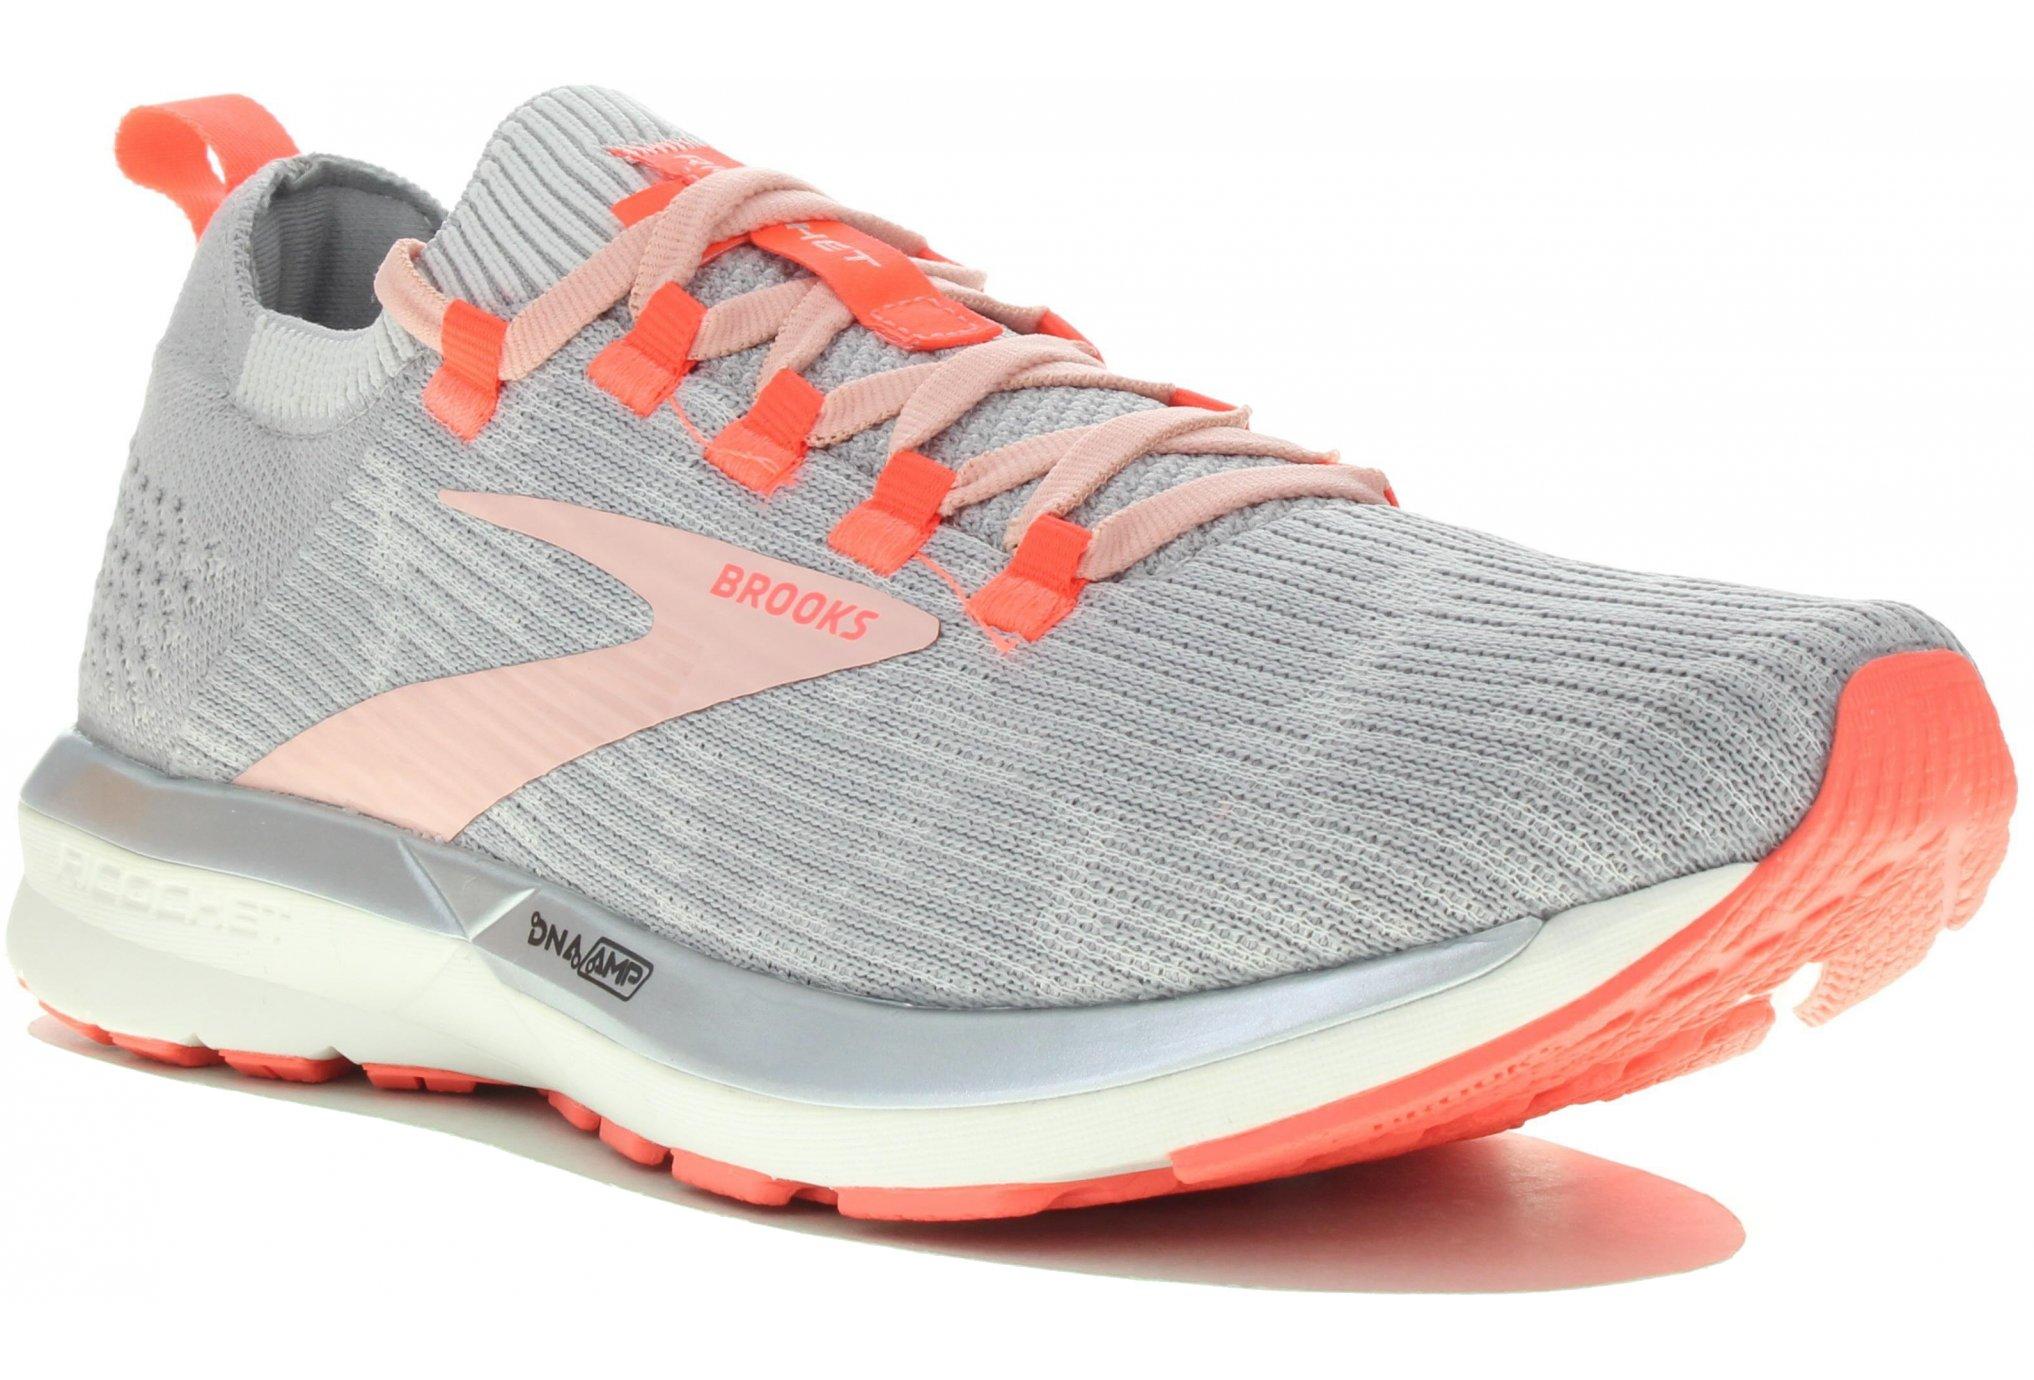 Brooks Ricochet 2 Chaussures running femme